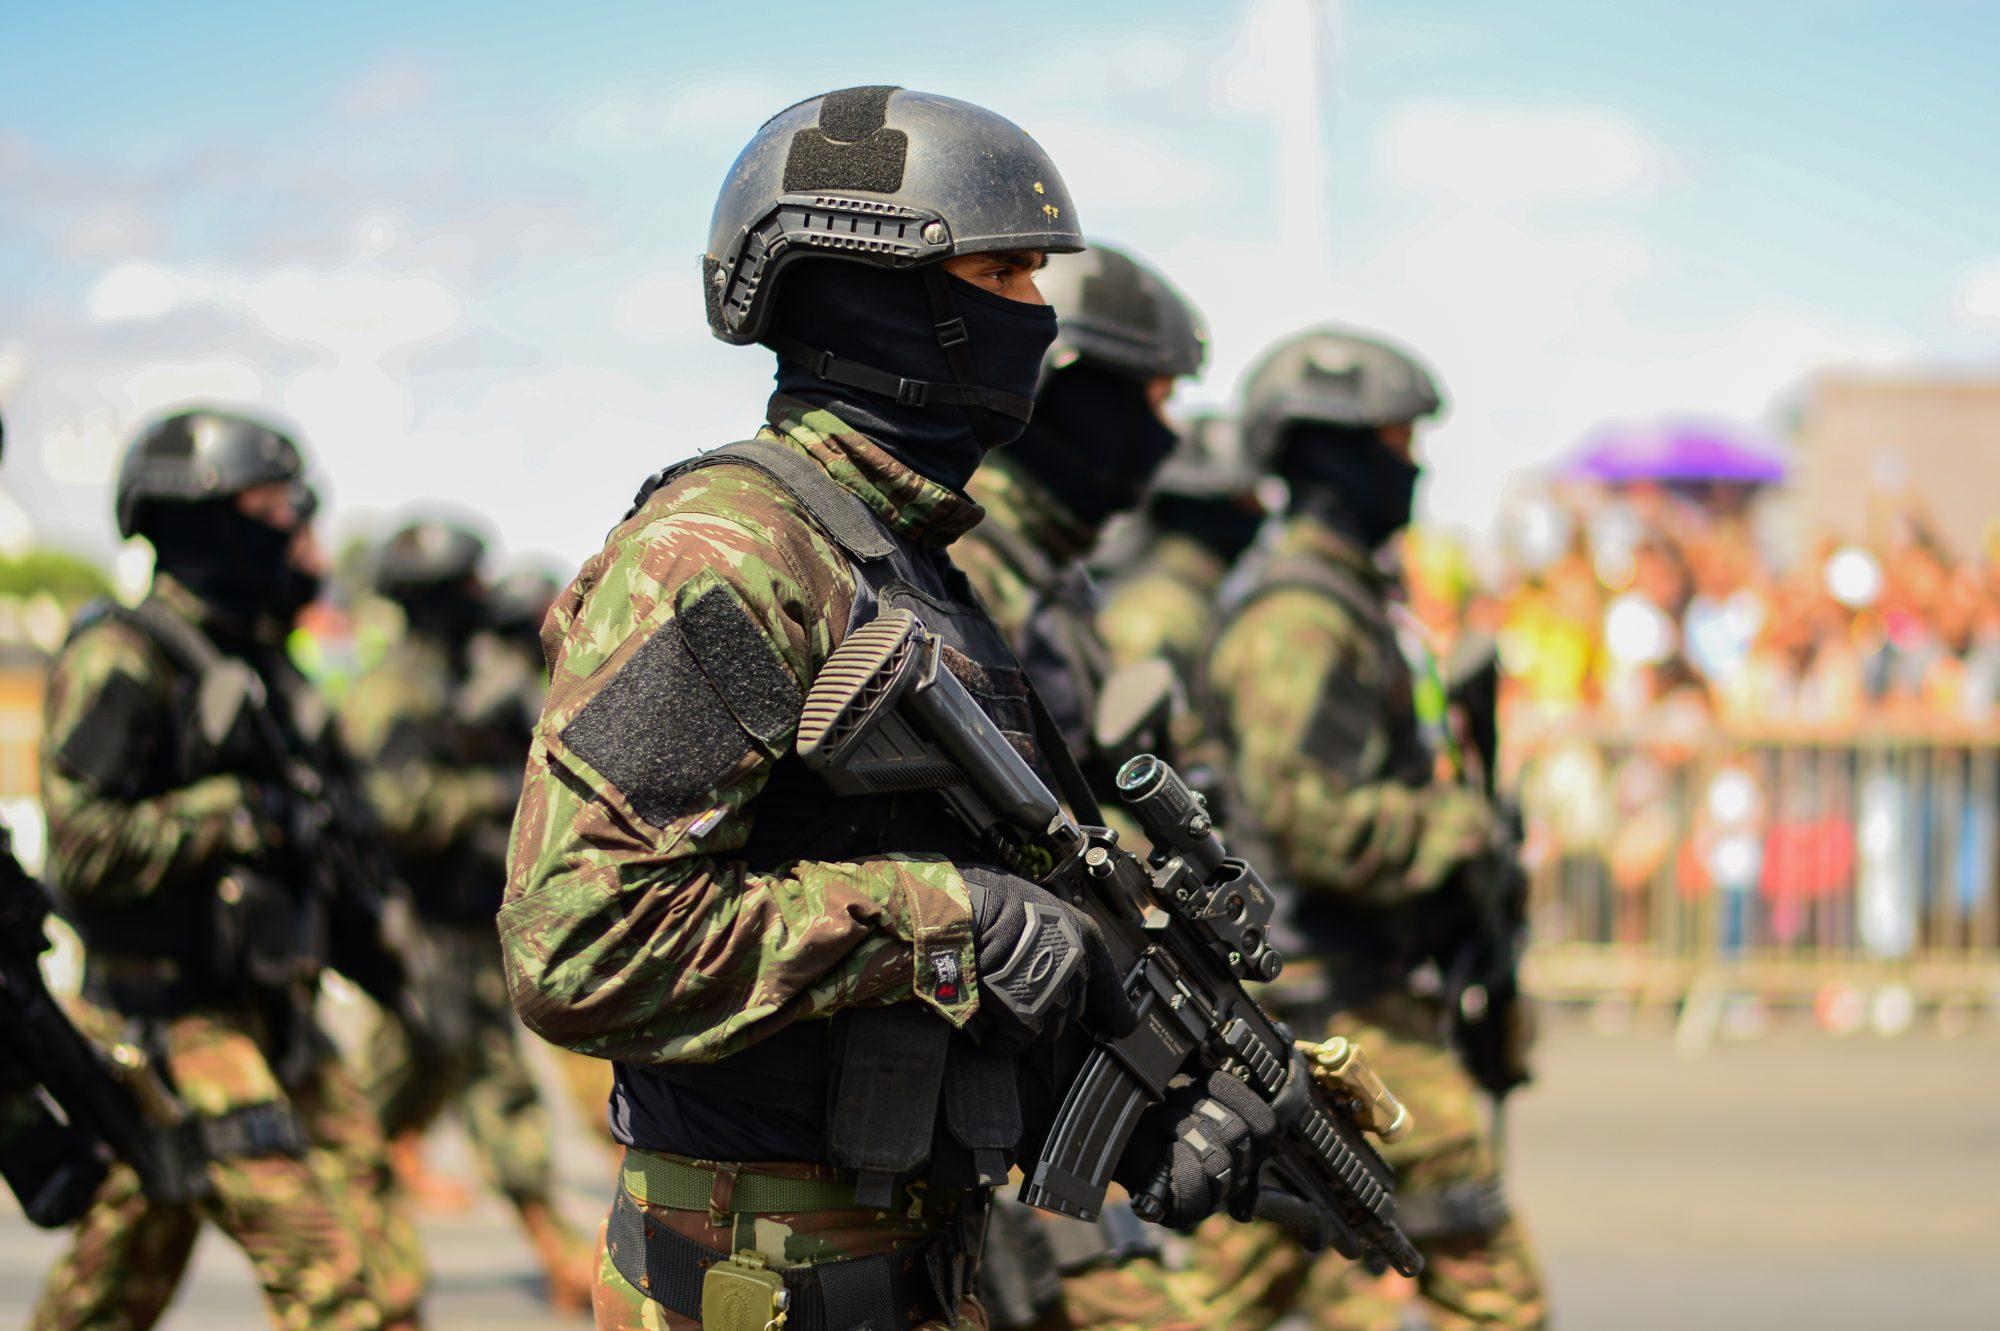 IMAGEM: STF pode chamar o Exército para conter invasores